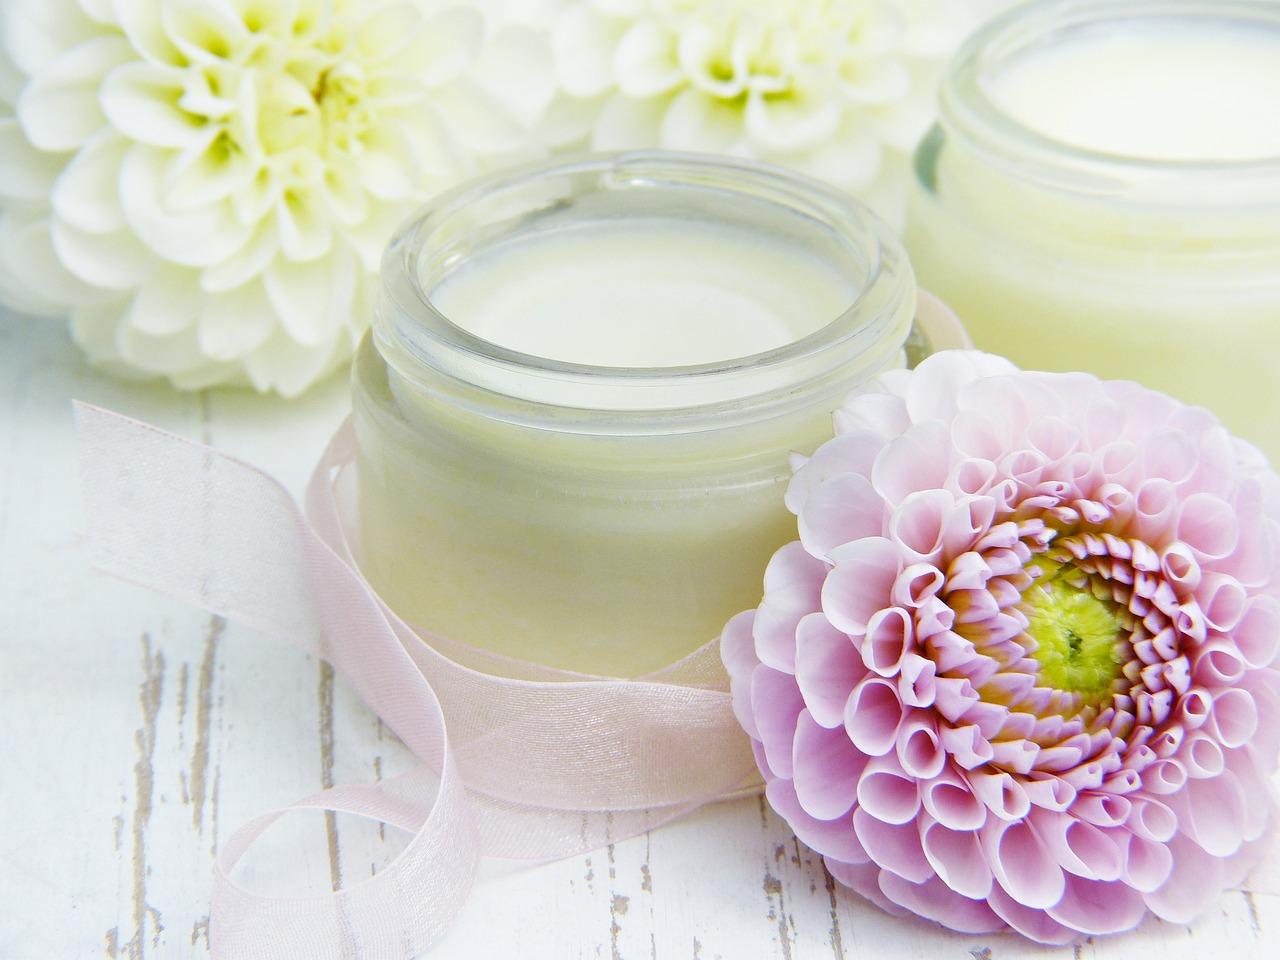 Рейтинг лучших кремов для жирной кожи на 2021 год